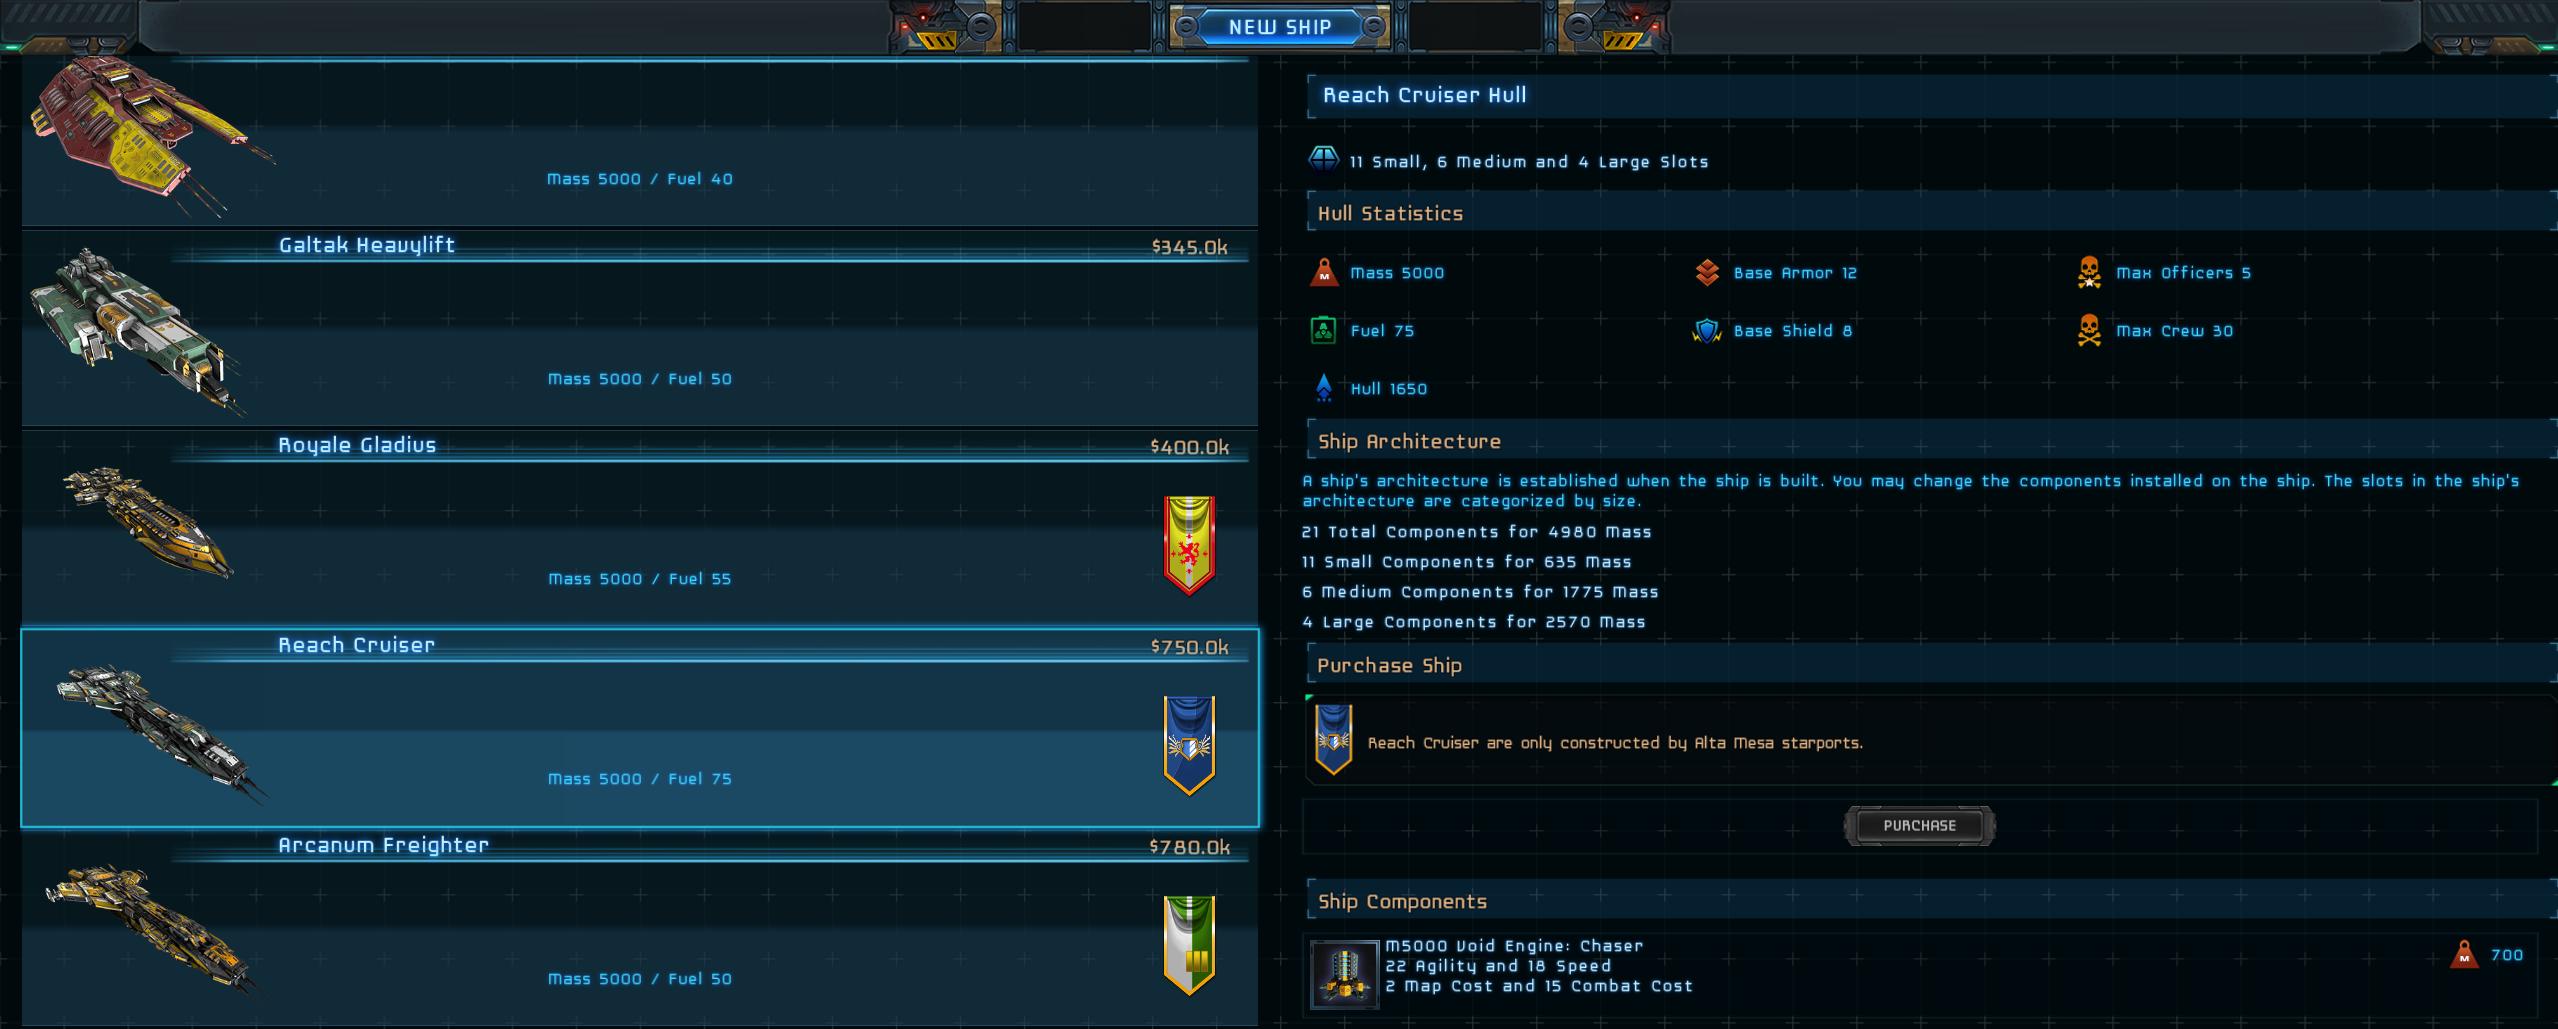 Jan 23 Update #130: Enemy Swoops In! Star Traders